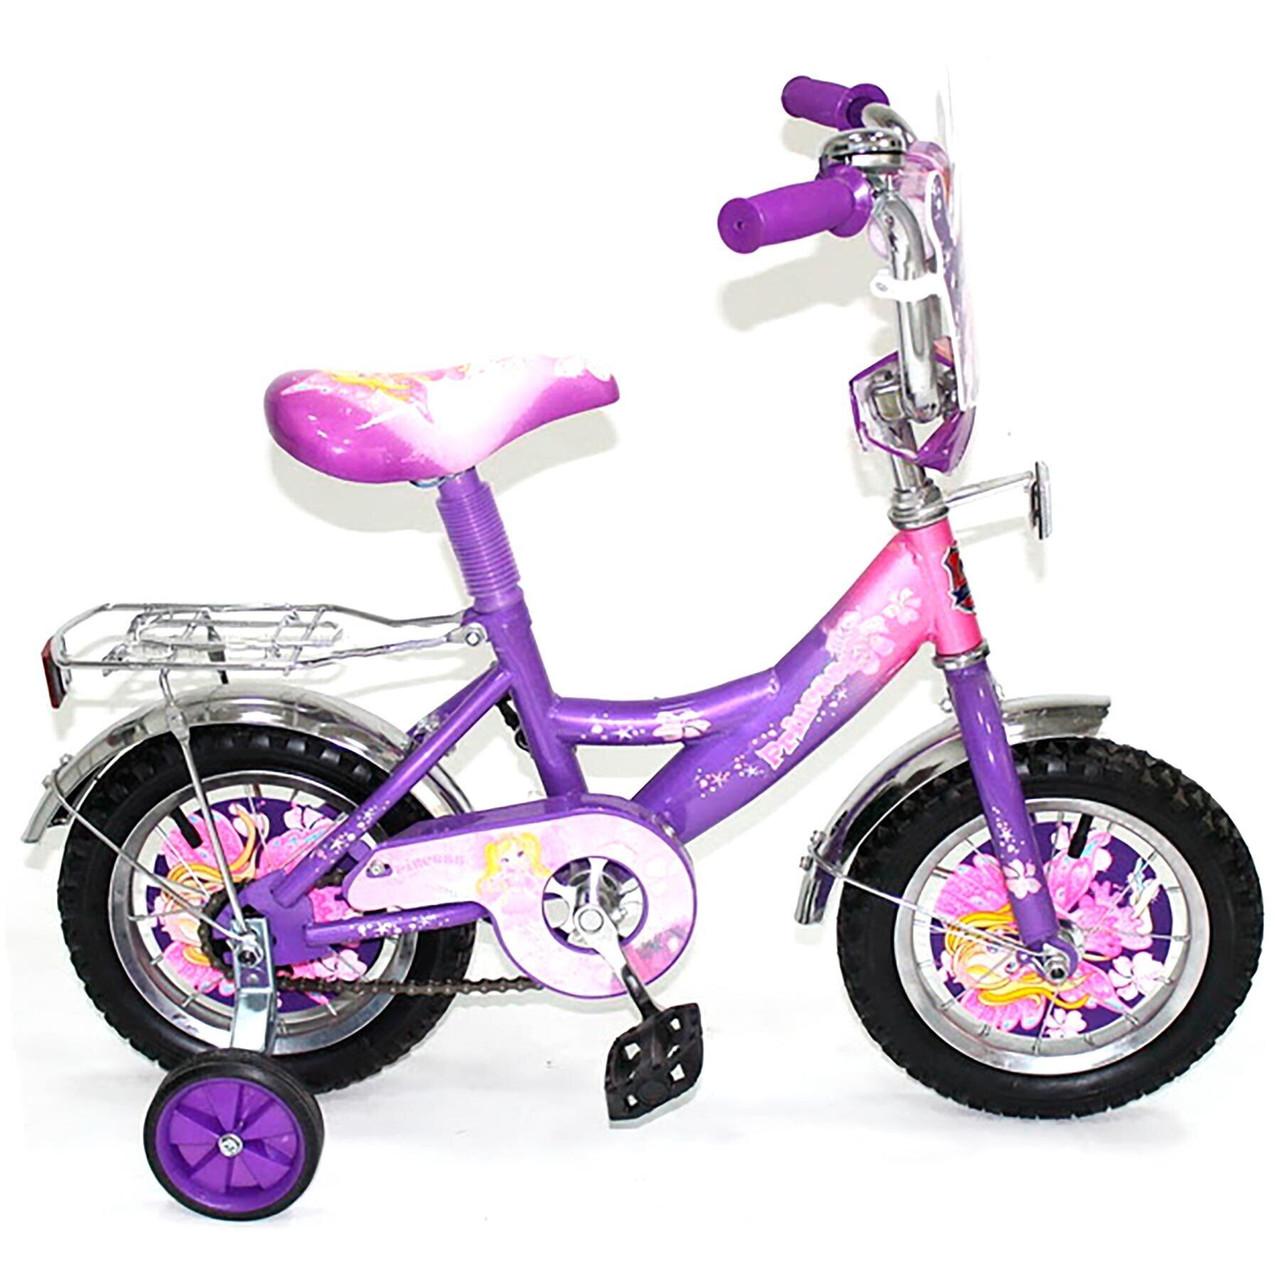 Дитячий велосипед Mustang Принцеса 12 дюймів фіолетовий